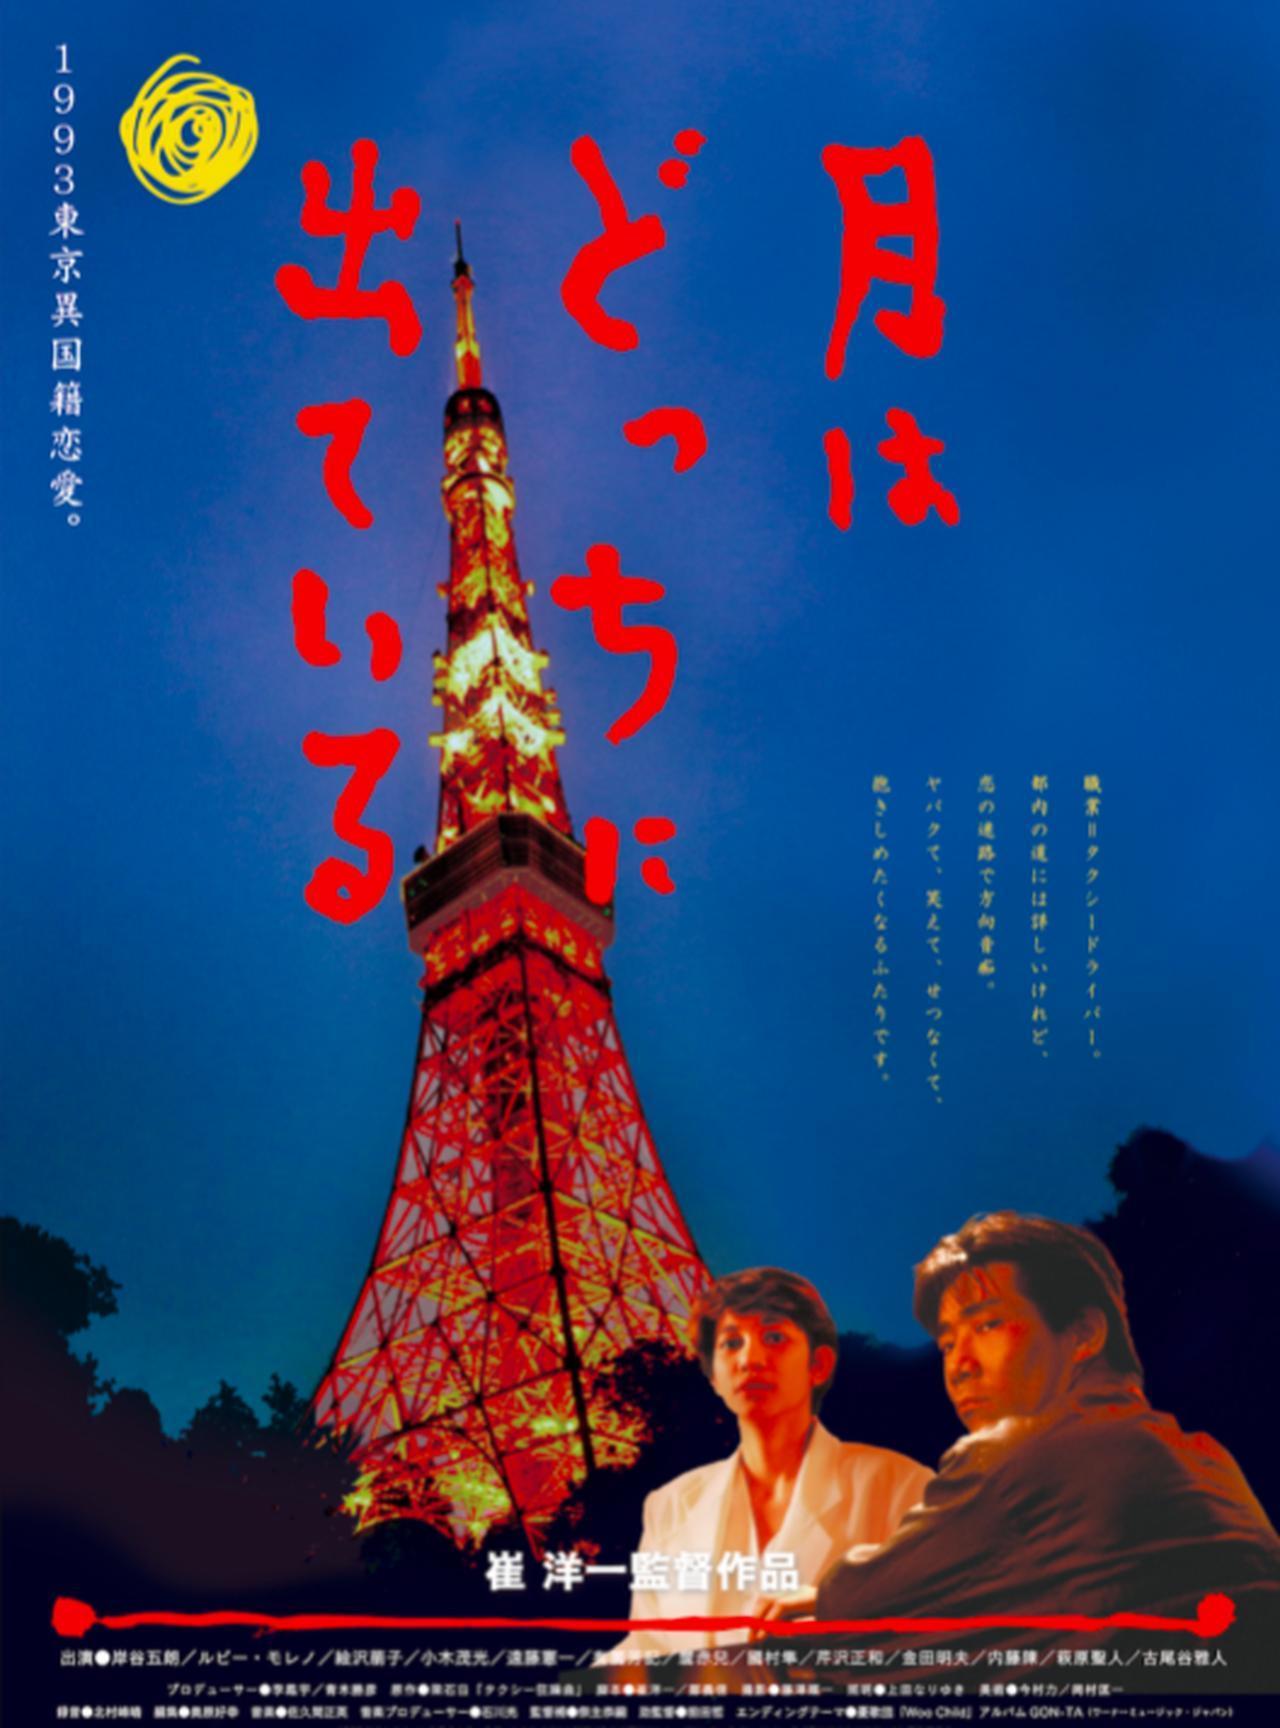 画像1: キネ旬選出「1990年代日本映画ベスト・テン」第1位-崔洋一監督『月はどっちに出ている』26年ぶりのリマスター版公開決定!